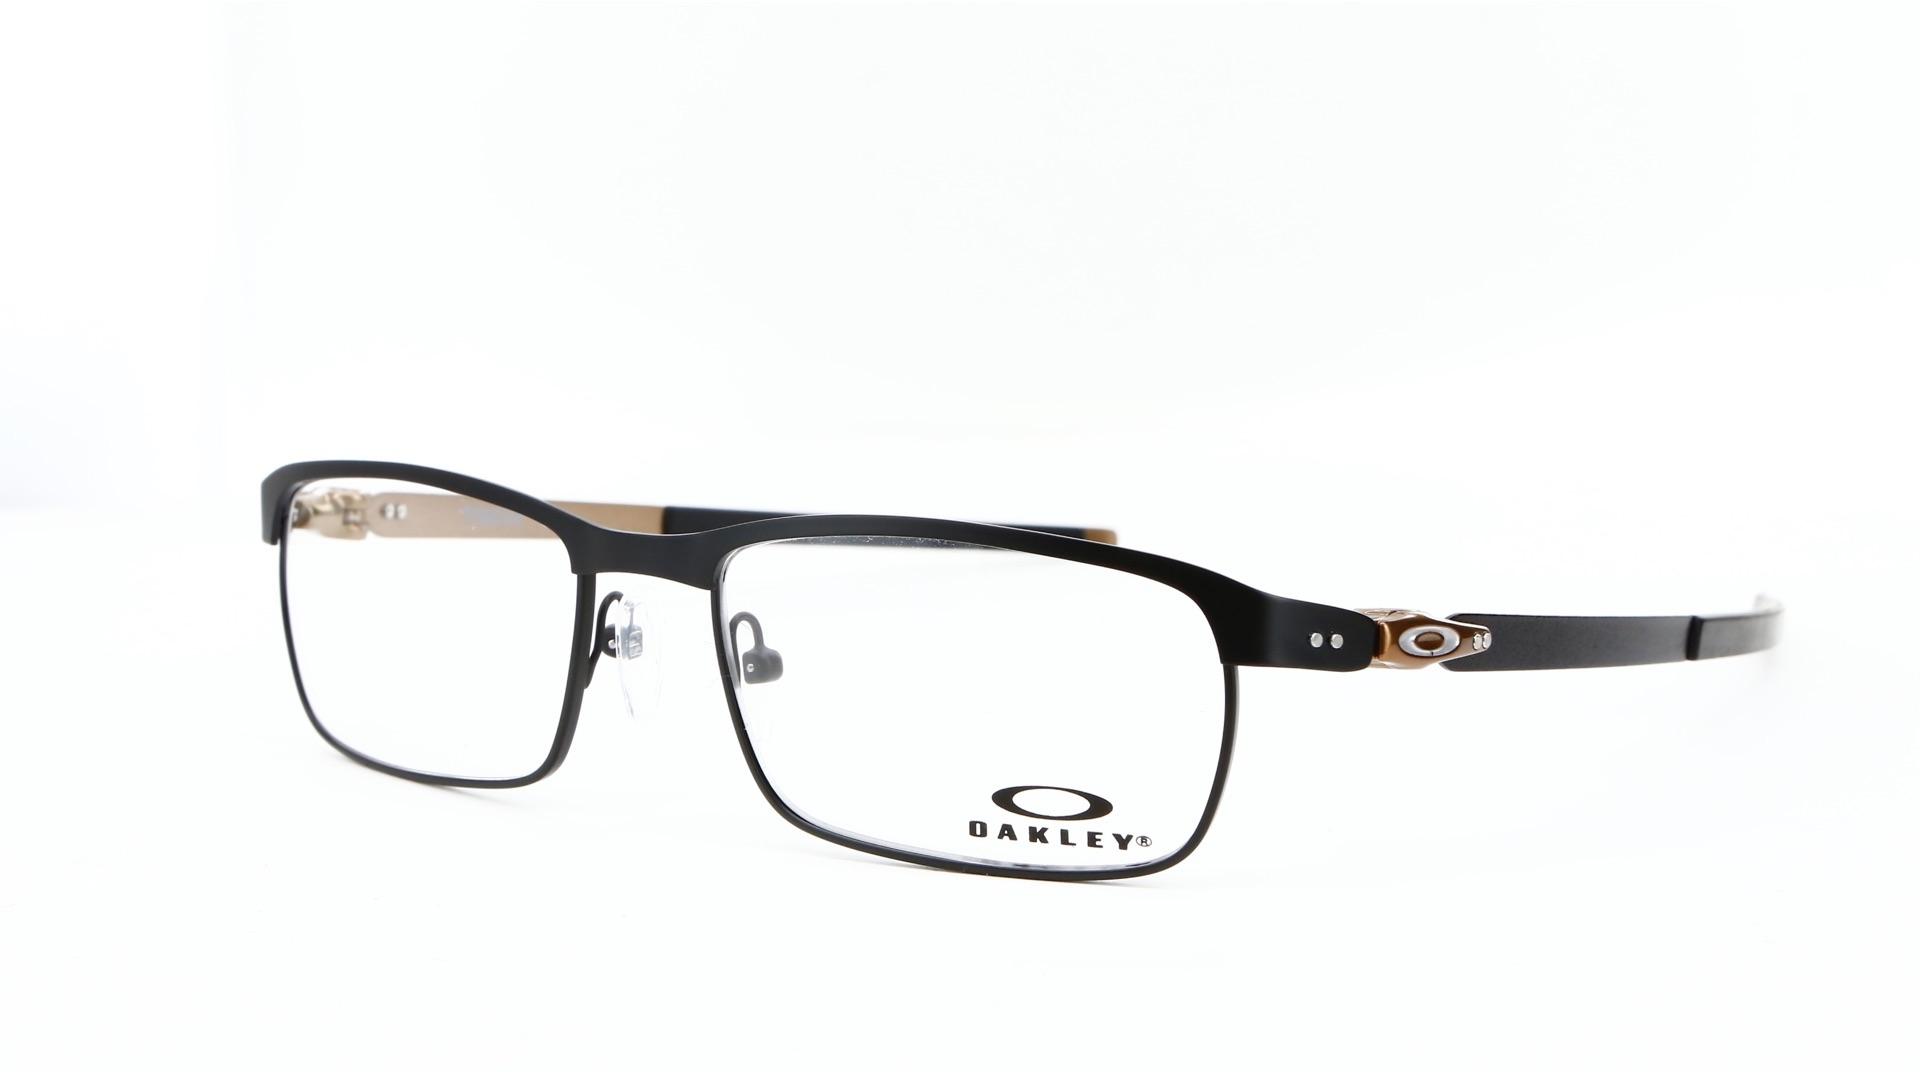 Oakley - ref: 80737